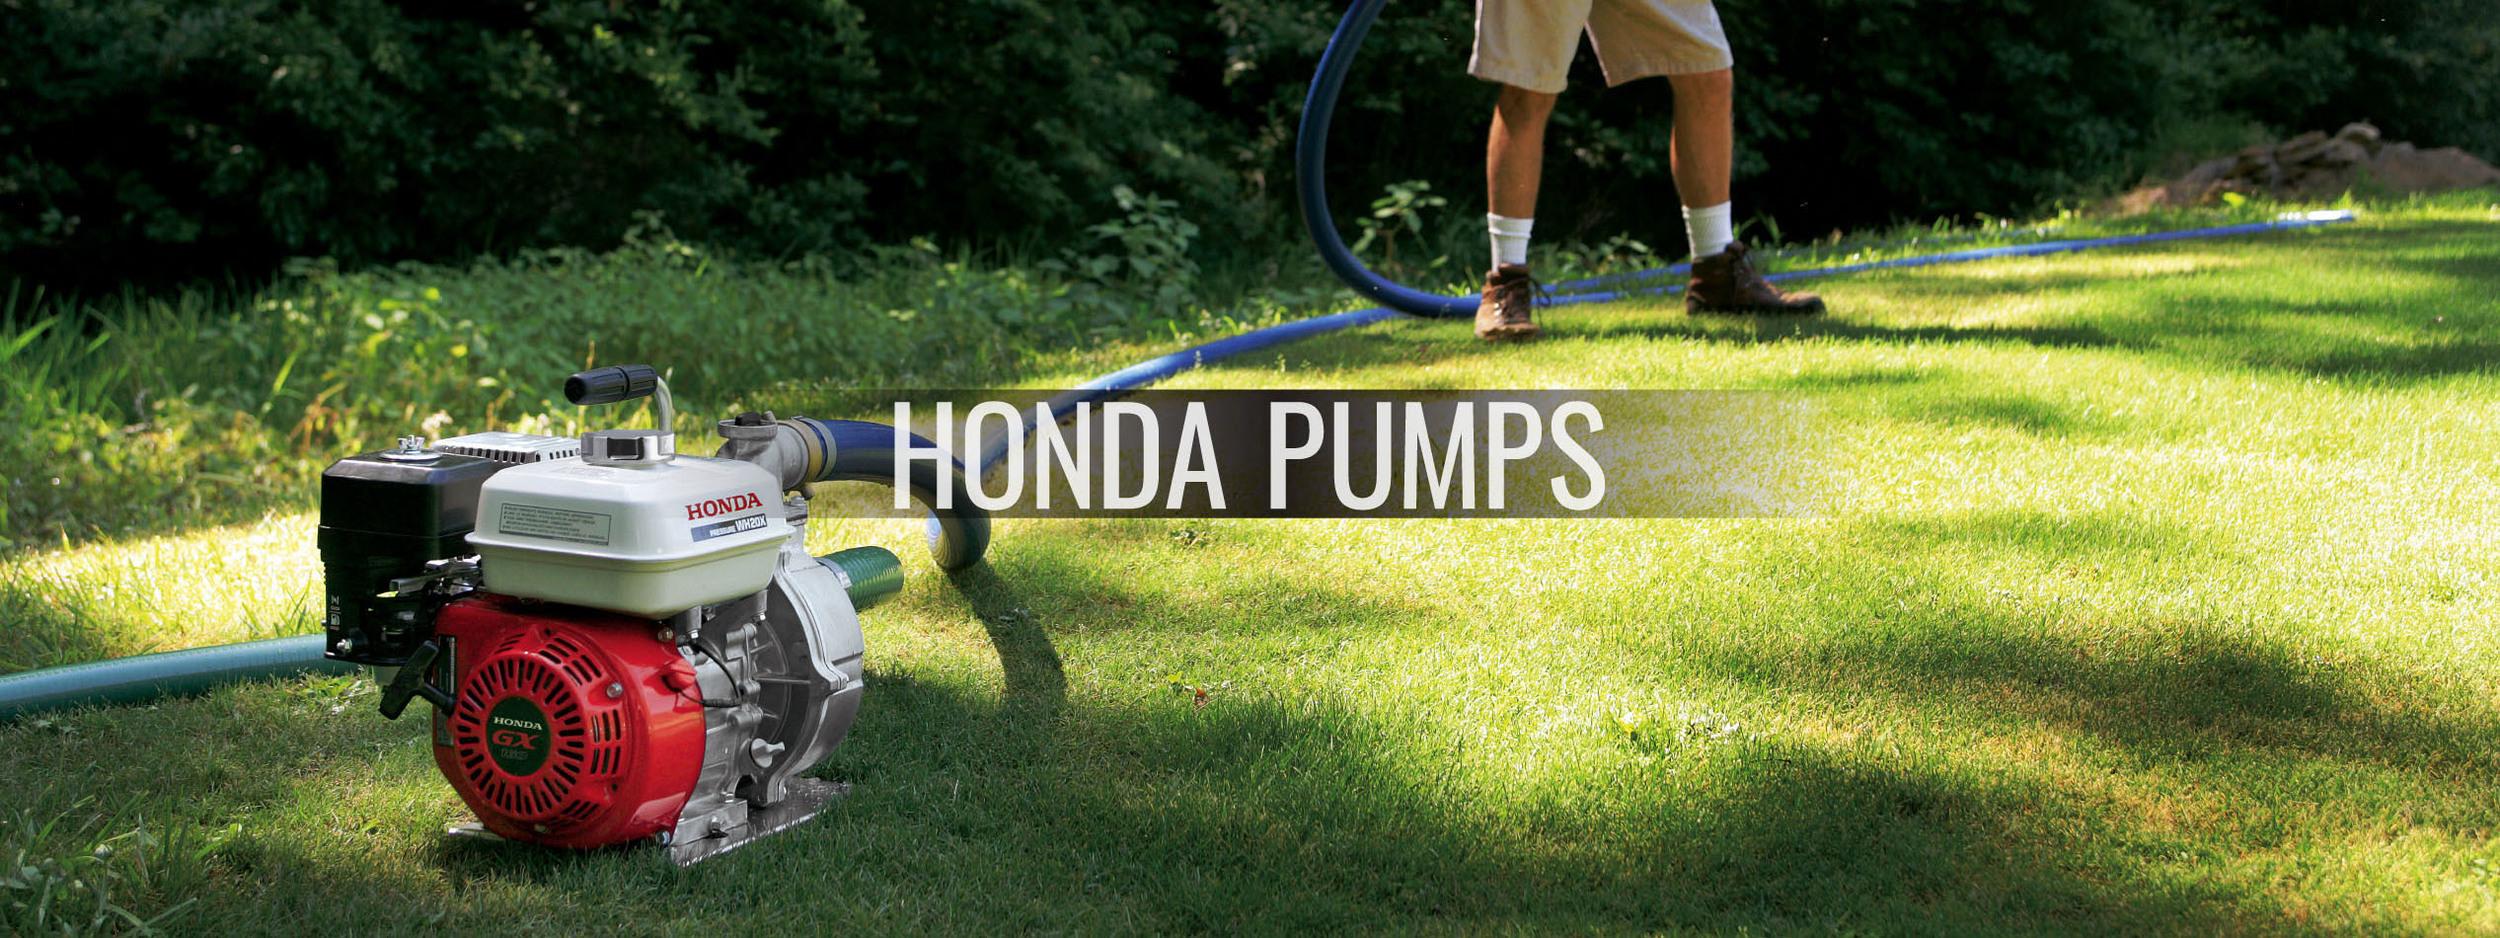 Honda Pumps